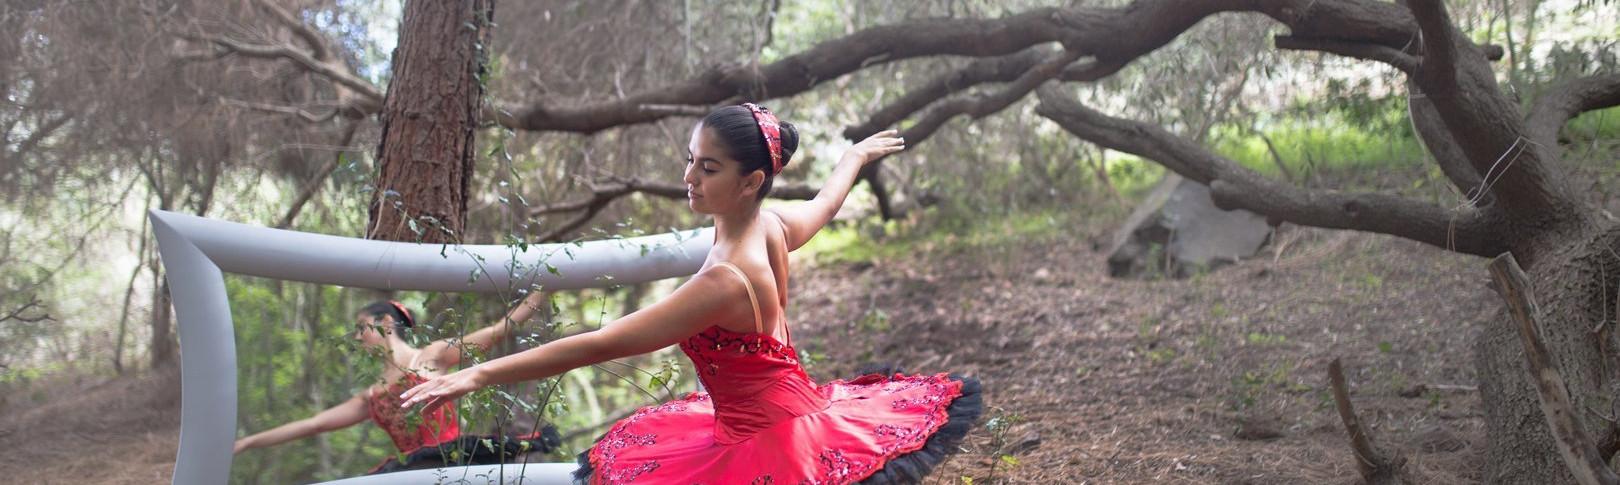 Foto de Olga Ortega, bailarina del Centro de Danza Sandra Santa Cruz en el campo vestida con un maravilloso tutú rojo de rodillas en 4ª posición y apoyada en una de sus zaaptillas de puntas con los brazos en 4ª alonyé, posando delante de un gran espejo espejo plateado de situeta con forma sinuosa